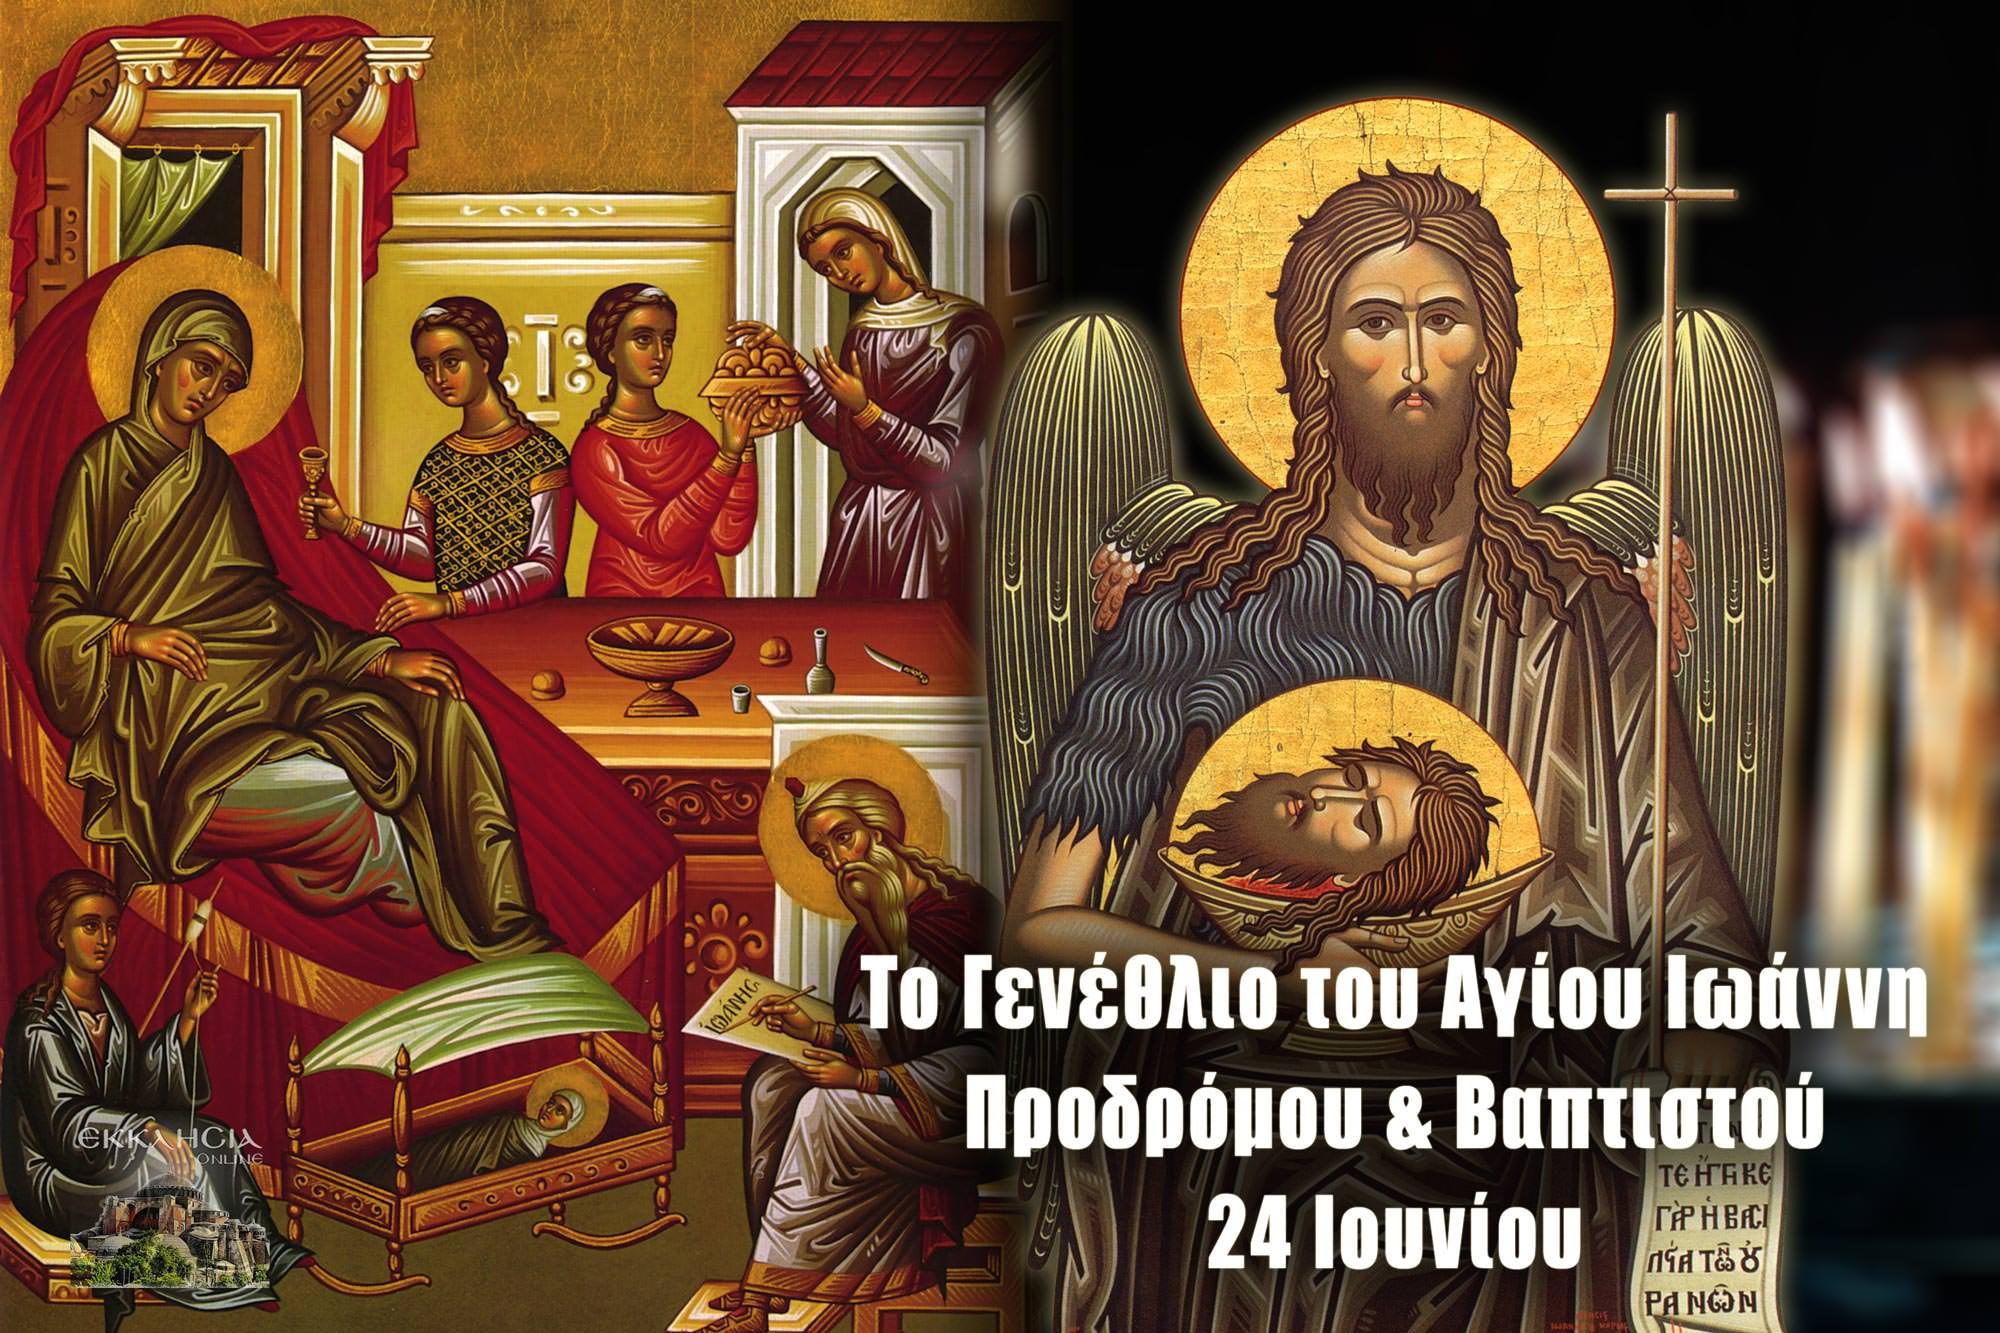 Το Γενέθλιο του Αγίου Ιωάννη Προδρόμου και Βαπτιστού 24 Ιουνίου